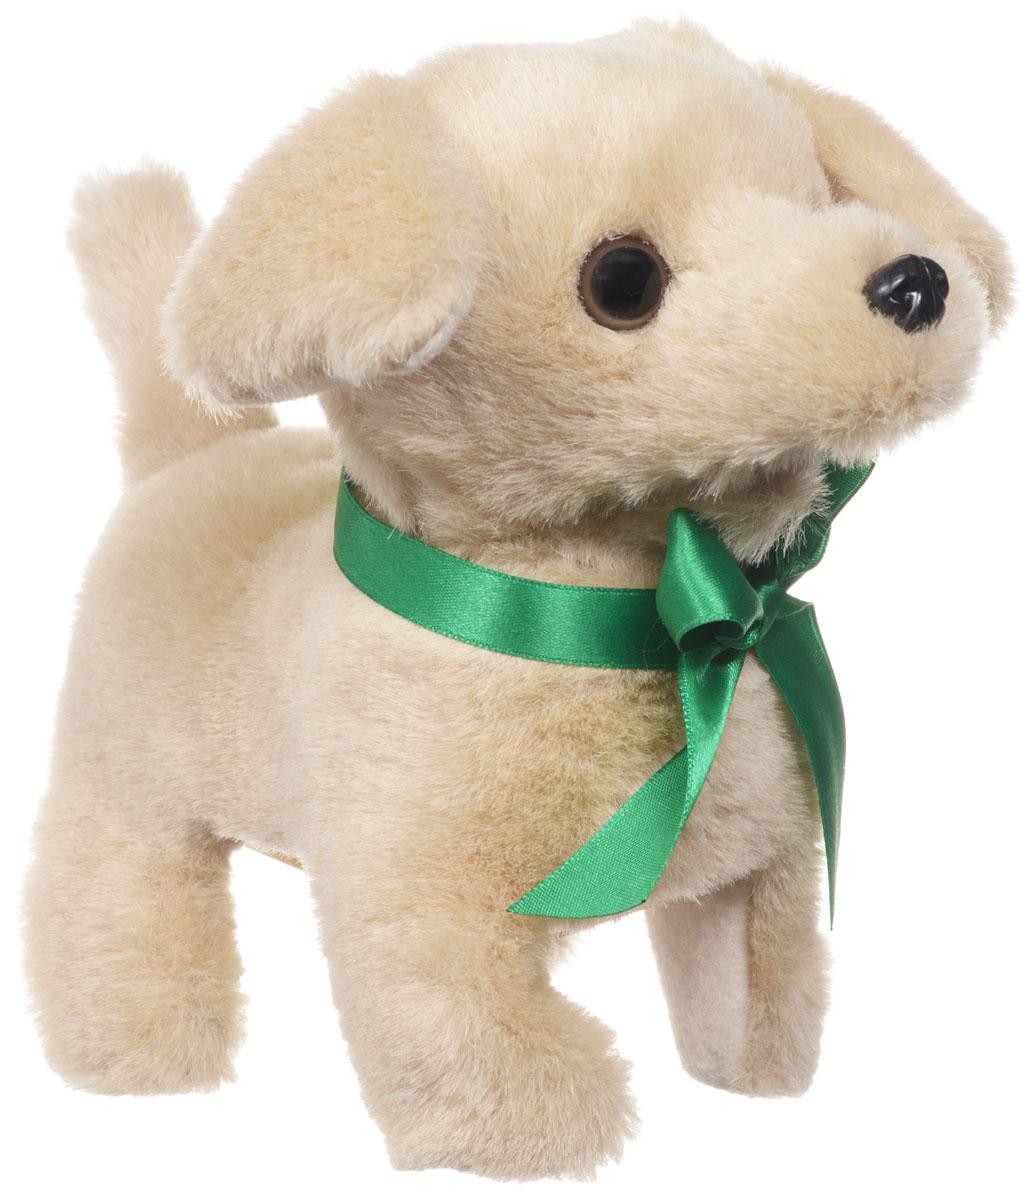 Sonata Style Мягкая игрушка Собачка цвет бежевый зеленый 16 смGT5930Мягкая игрушка Sonata Style Собачка - самый лучший подарок для ребенка! Забавная игрушка выполнена из приятного и очень мягкого материала, безвредного для малыша. Собачка умеет ходить вперед, останавливаться, шевелить хвостиком и лаять. Управляется собачка с помощью поводка, потянув за который, можно включить игрушку. Переключение режимов лая и ходьбы происходит последовательным потягиванием за поводок. Для работы игрушки необходимы 2 батарейки типа АА (товар комплектуется демонстрационными).